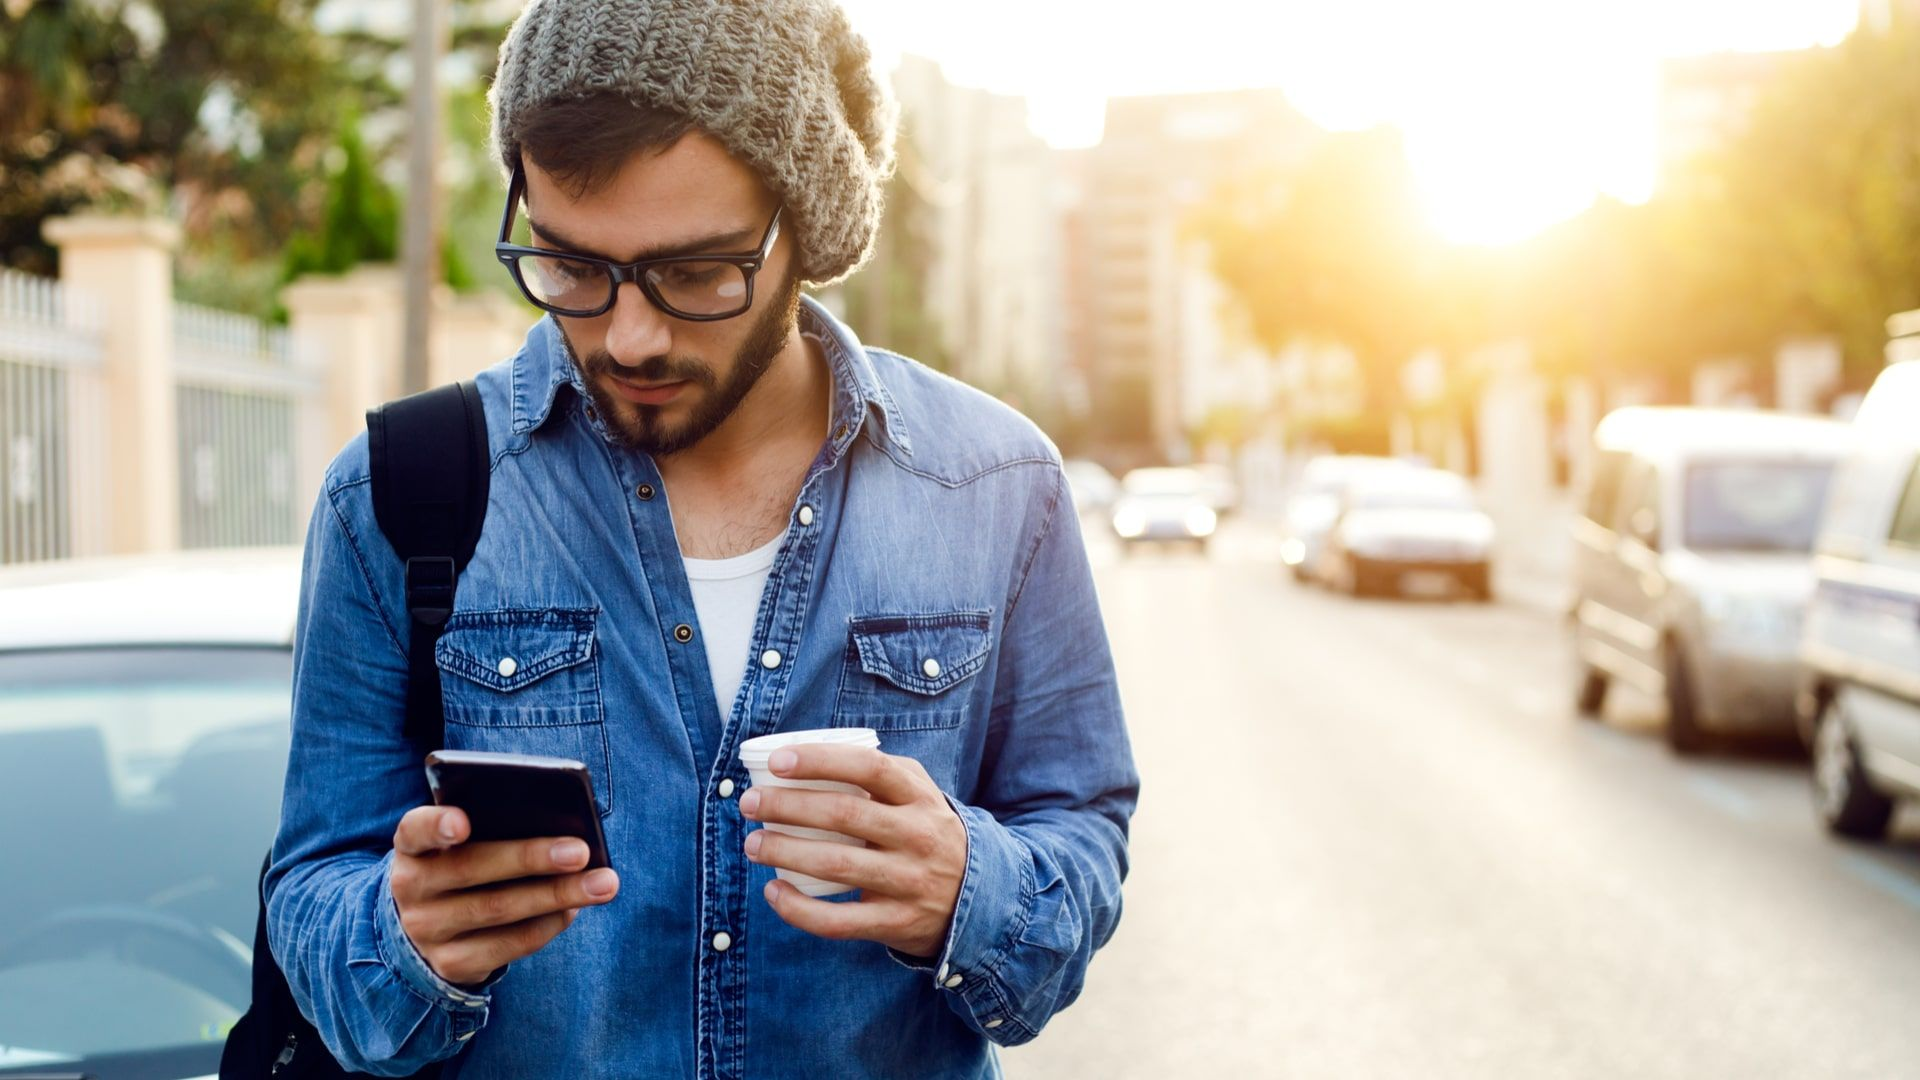 Melhores marcas de celular: conheça as principais fabricantes atualmente (Foto: Shutterstock)